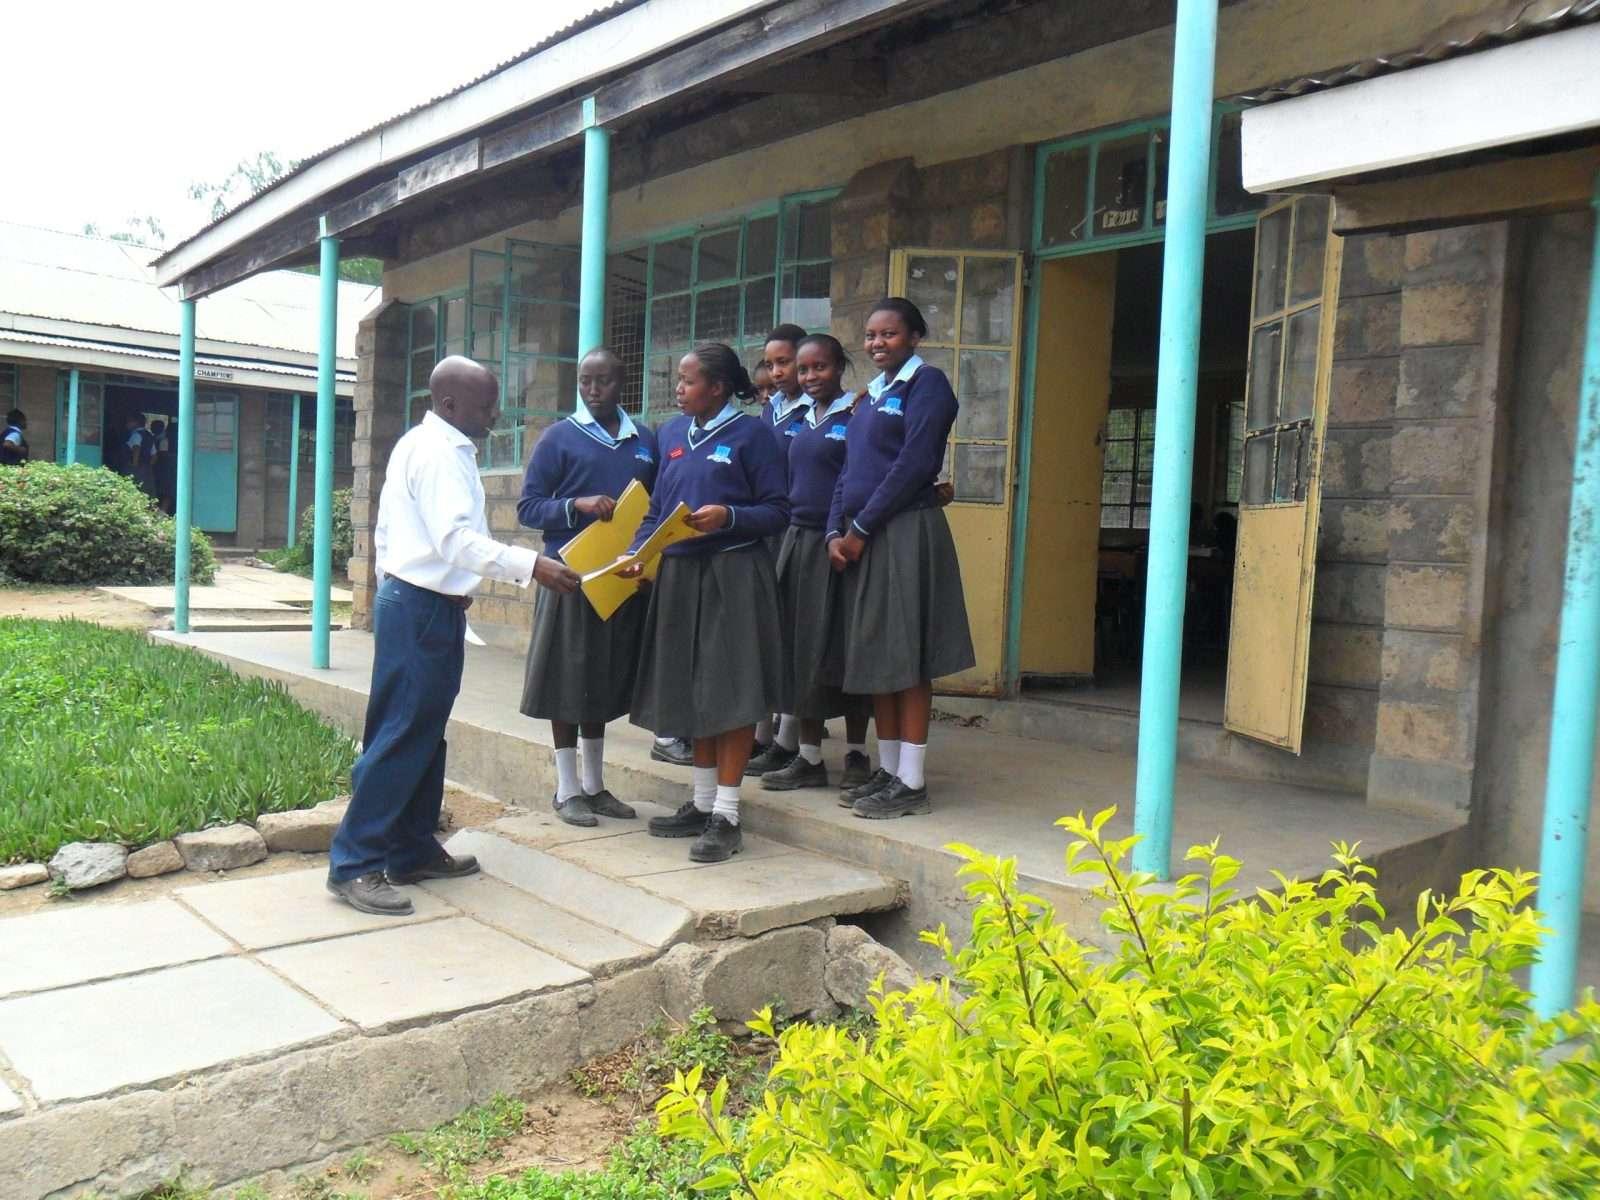 NOONKOPIR GIRLS SECONDARY SCHOOL